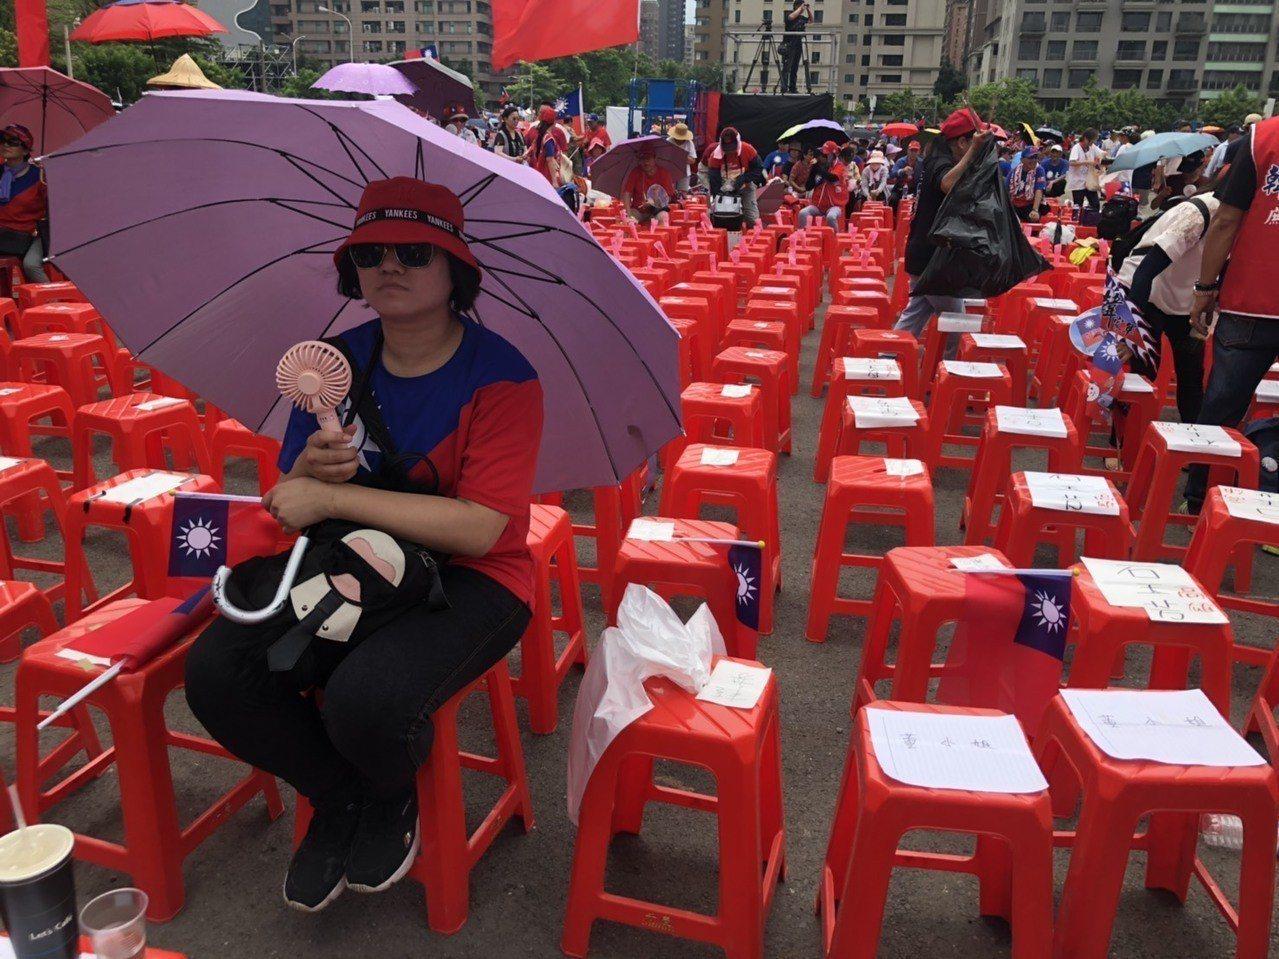 高雄市長韓國瑜傍晚在台中辦造勢,一早已湧入人潮,支持者自備陽傘、風扇搶第一排好位...